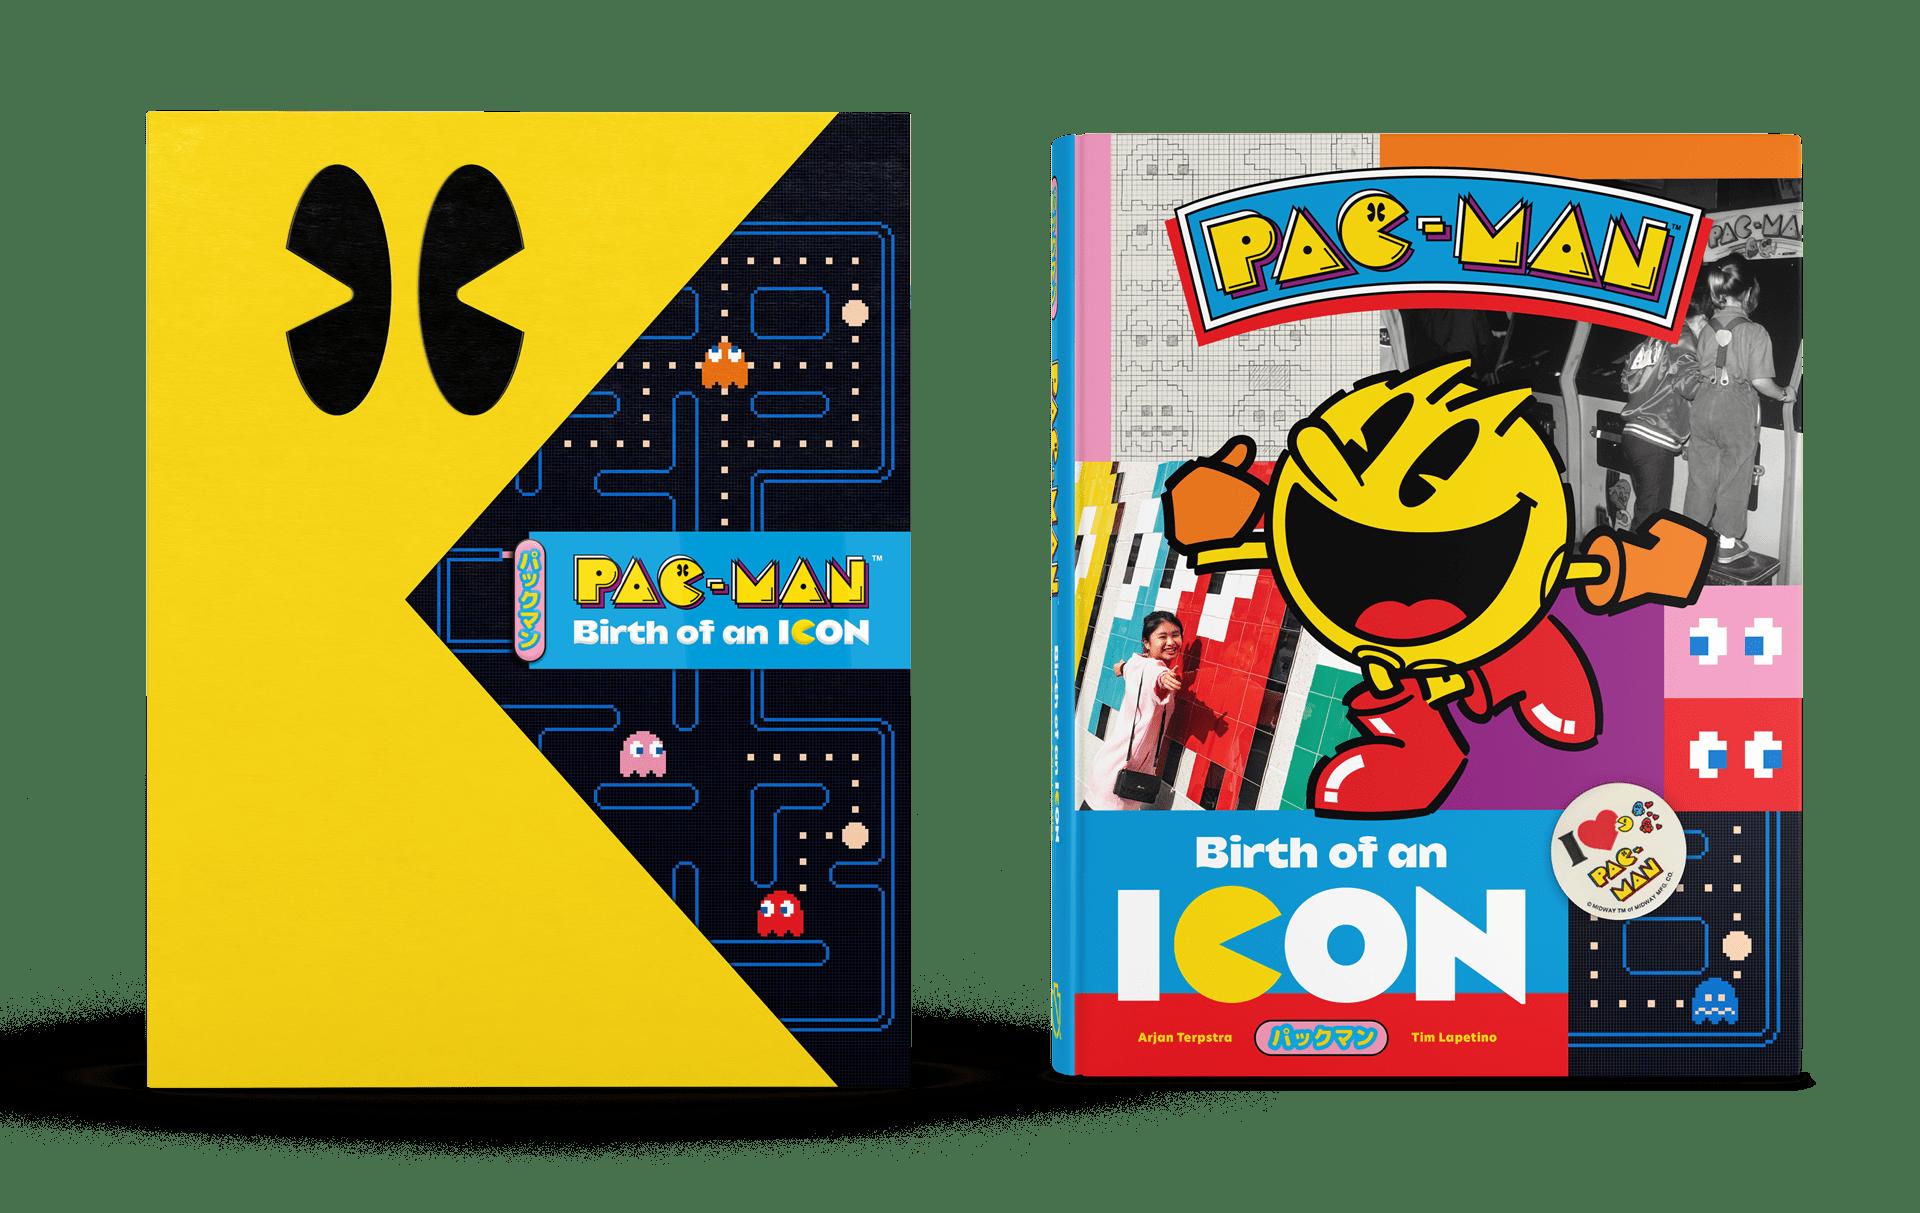 Das offizielle JubiläumBuch PAC-MAN: Birth of an Icon